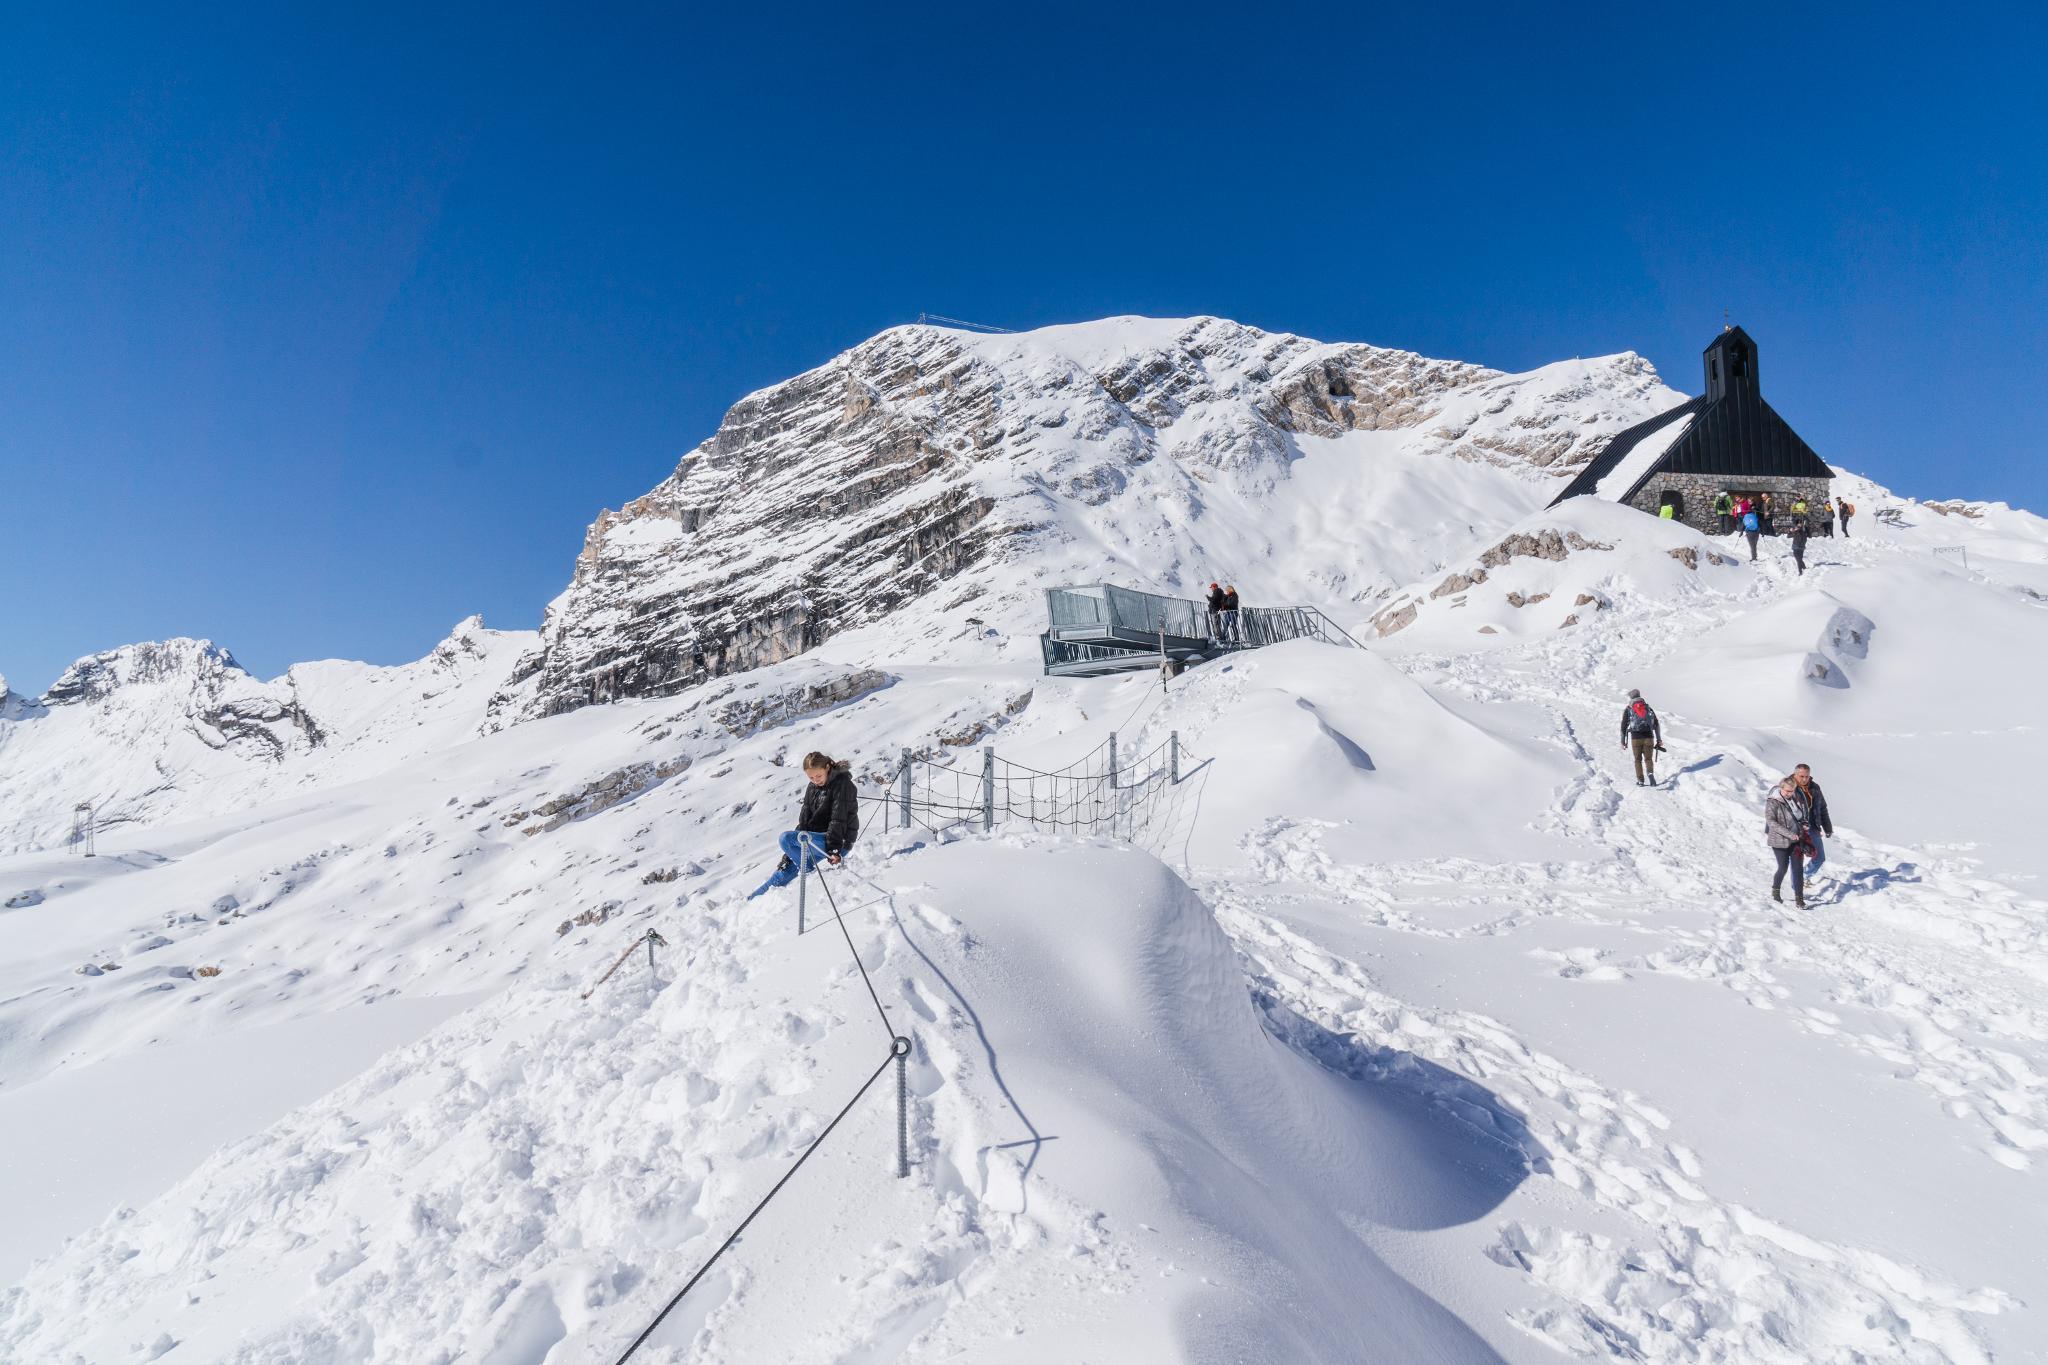 【德國】阿爾卑斯大道:楚格峰 (Zugspitze) 登上德國之巔 28